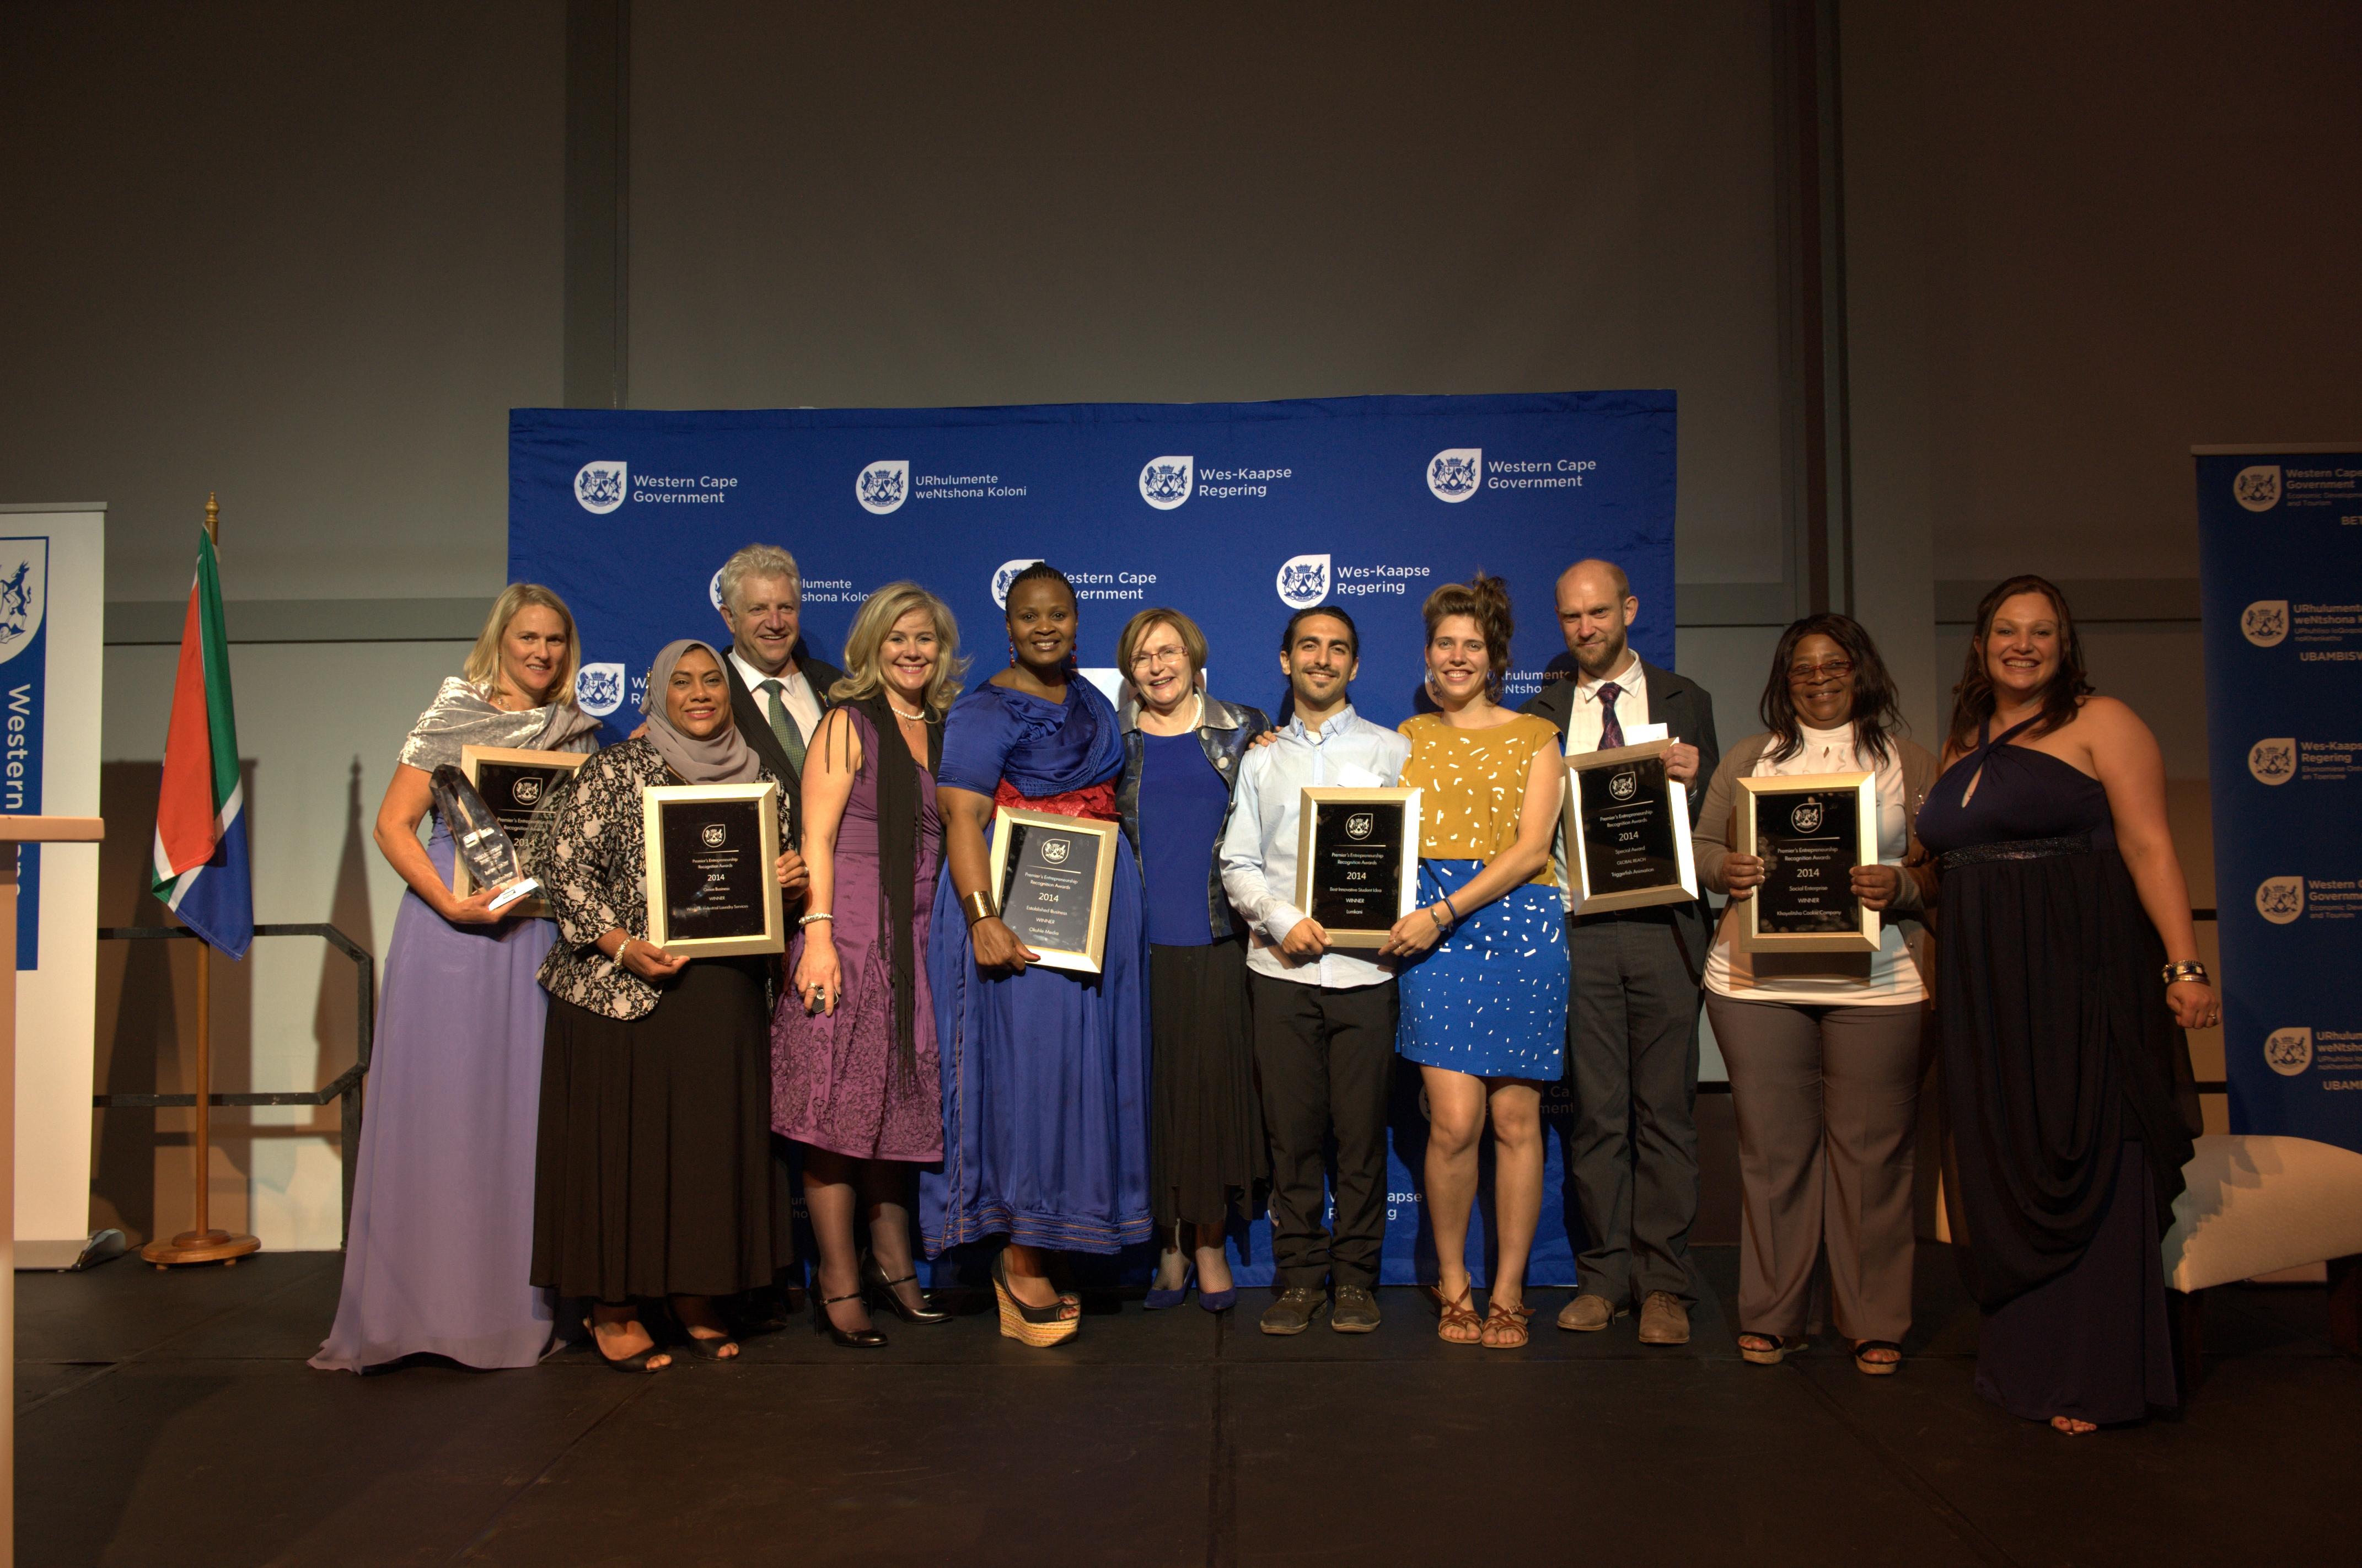 The winners of the 2014 Premier's Entrepreneurship Recognition Awards.